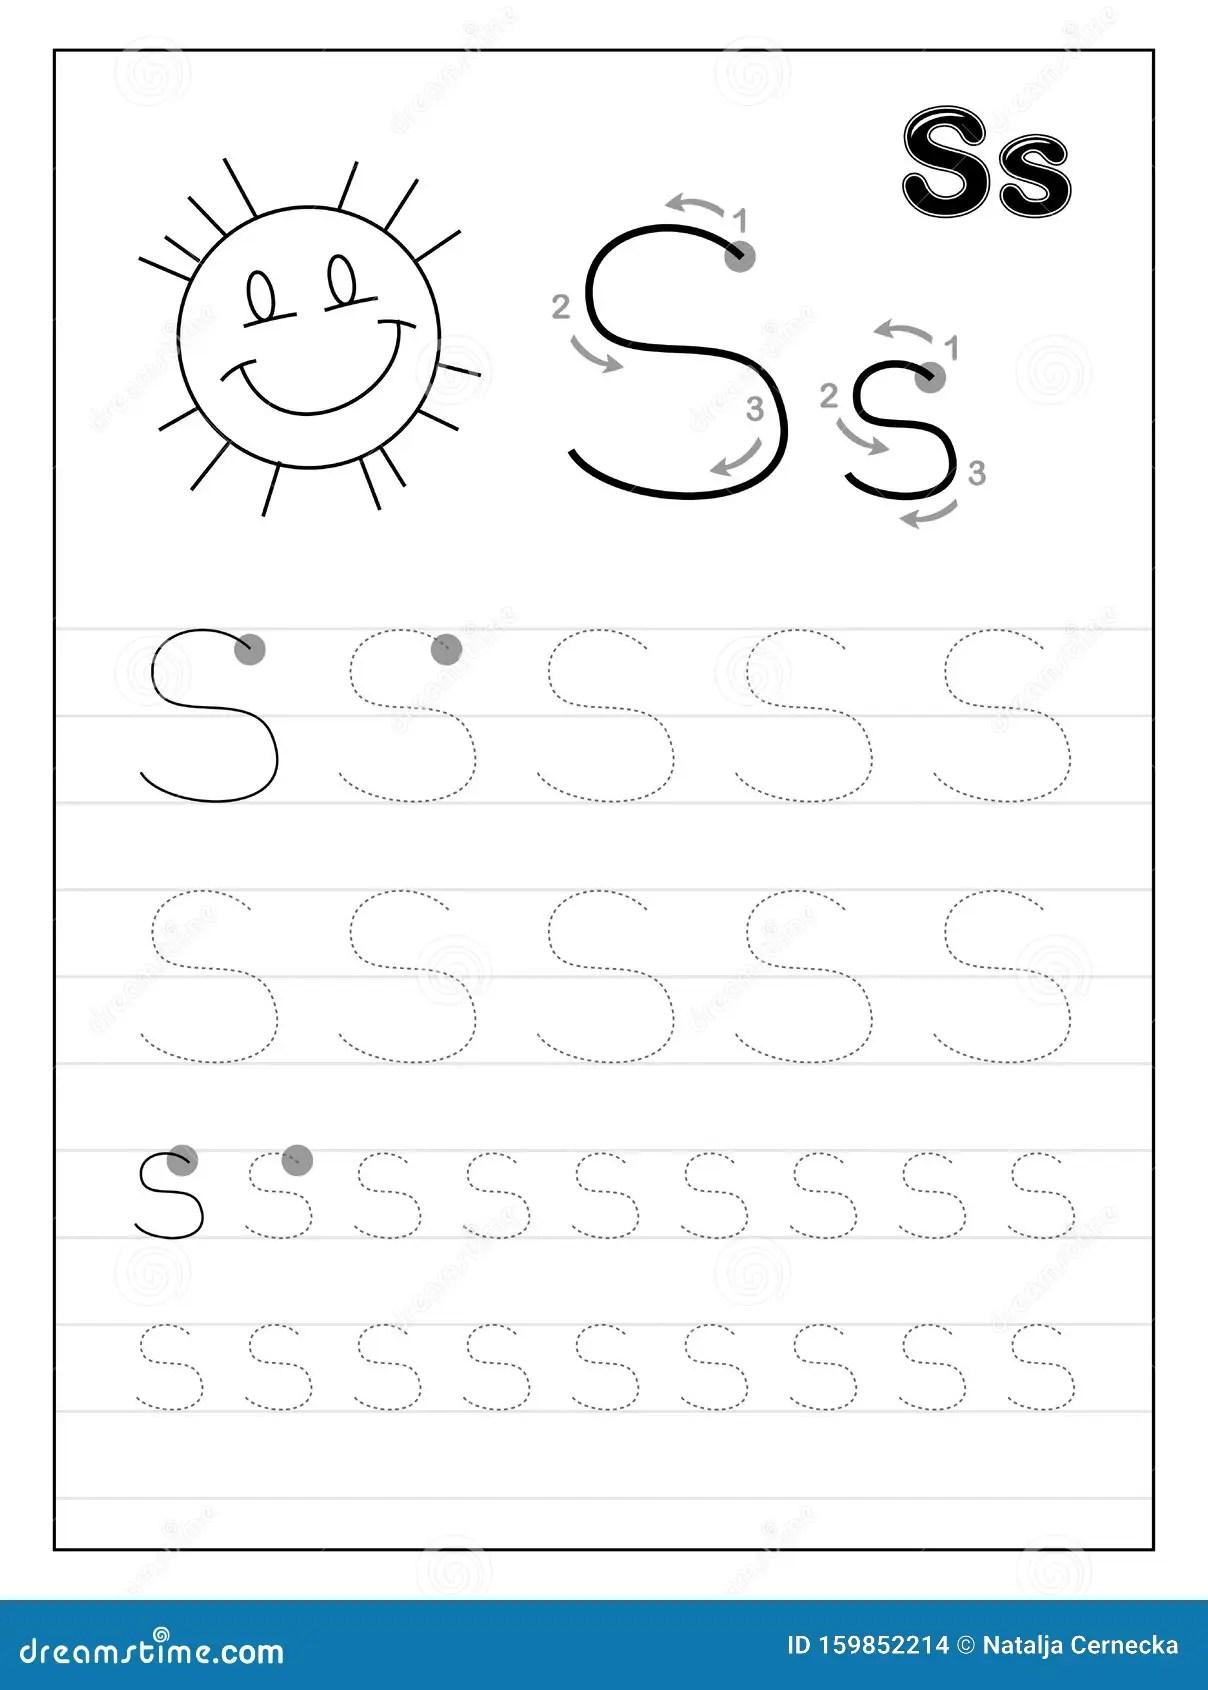 Preschool Worksheet Gallery Printable Tracing Letters And